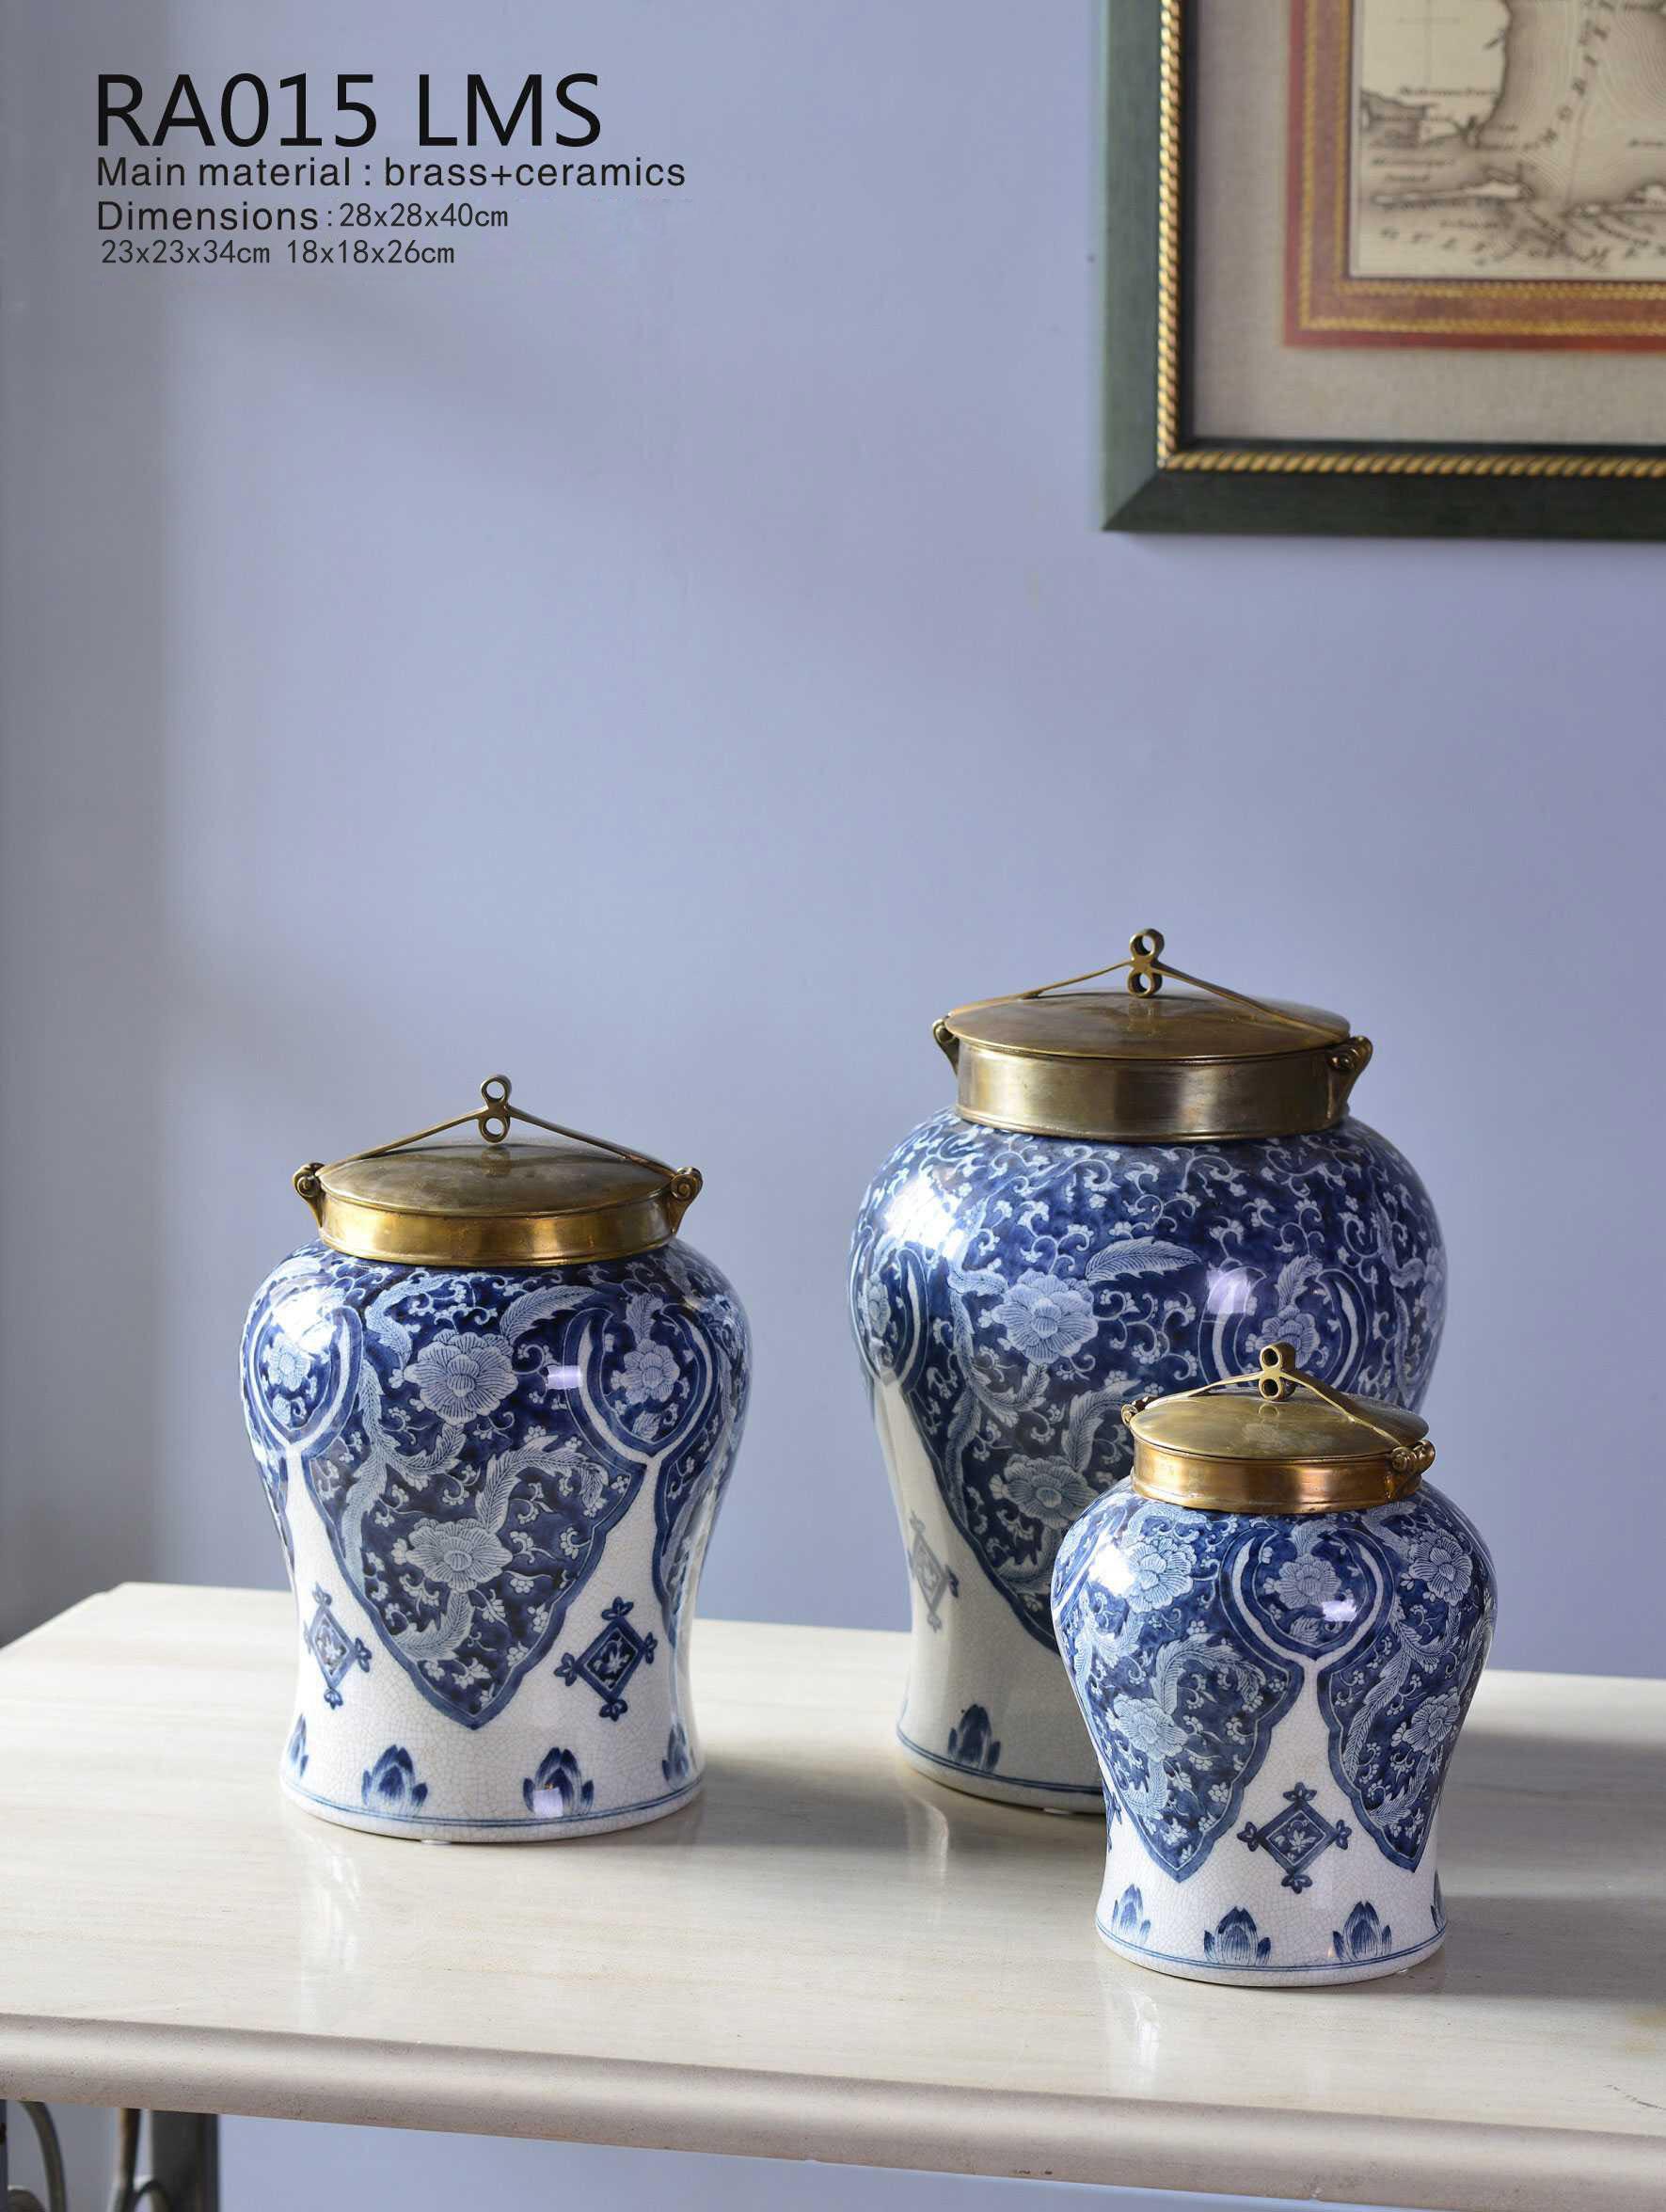 Rustic Urns Jars Vases Urns Jars Bottles You Ll Love In 2021 Wayfair